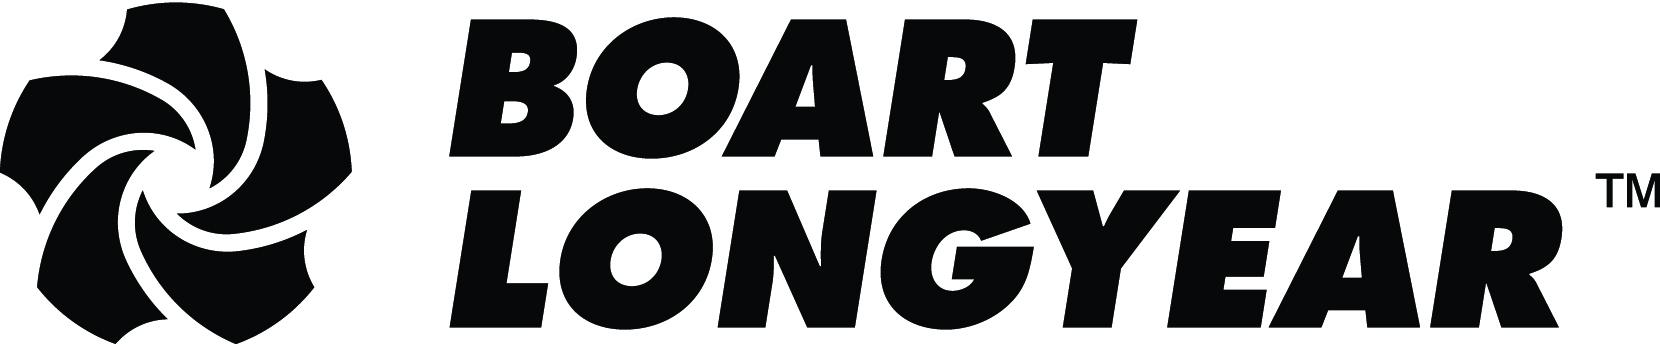 Boart Logo.jpg